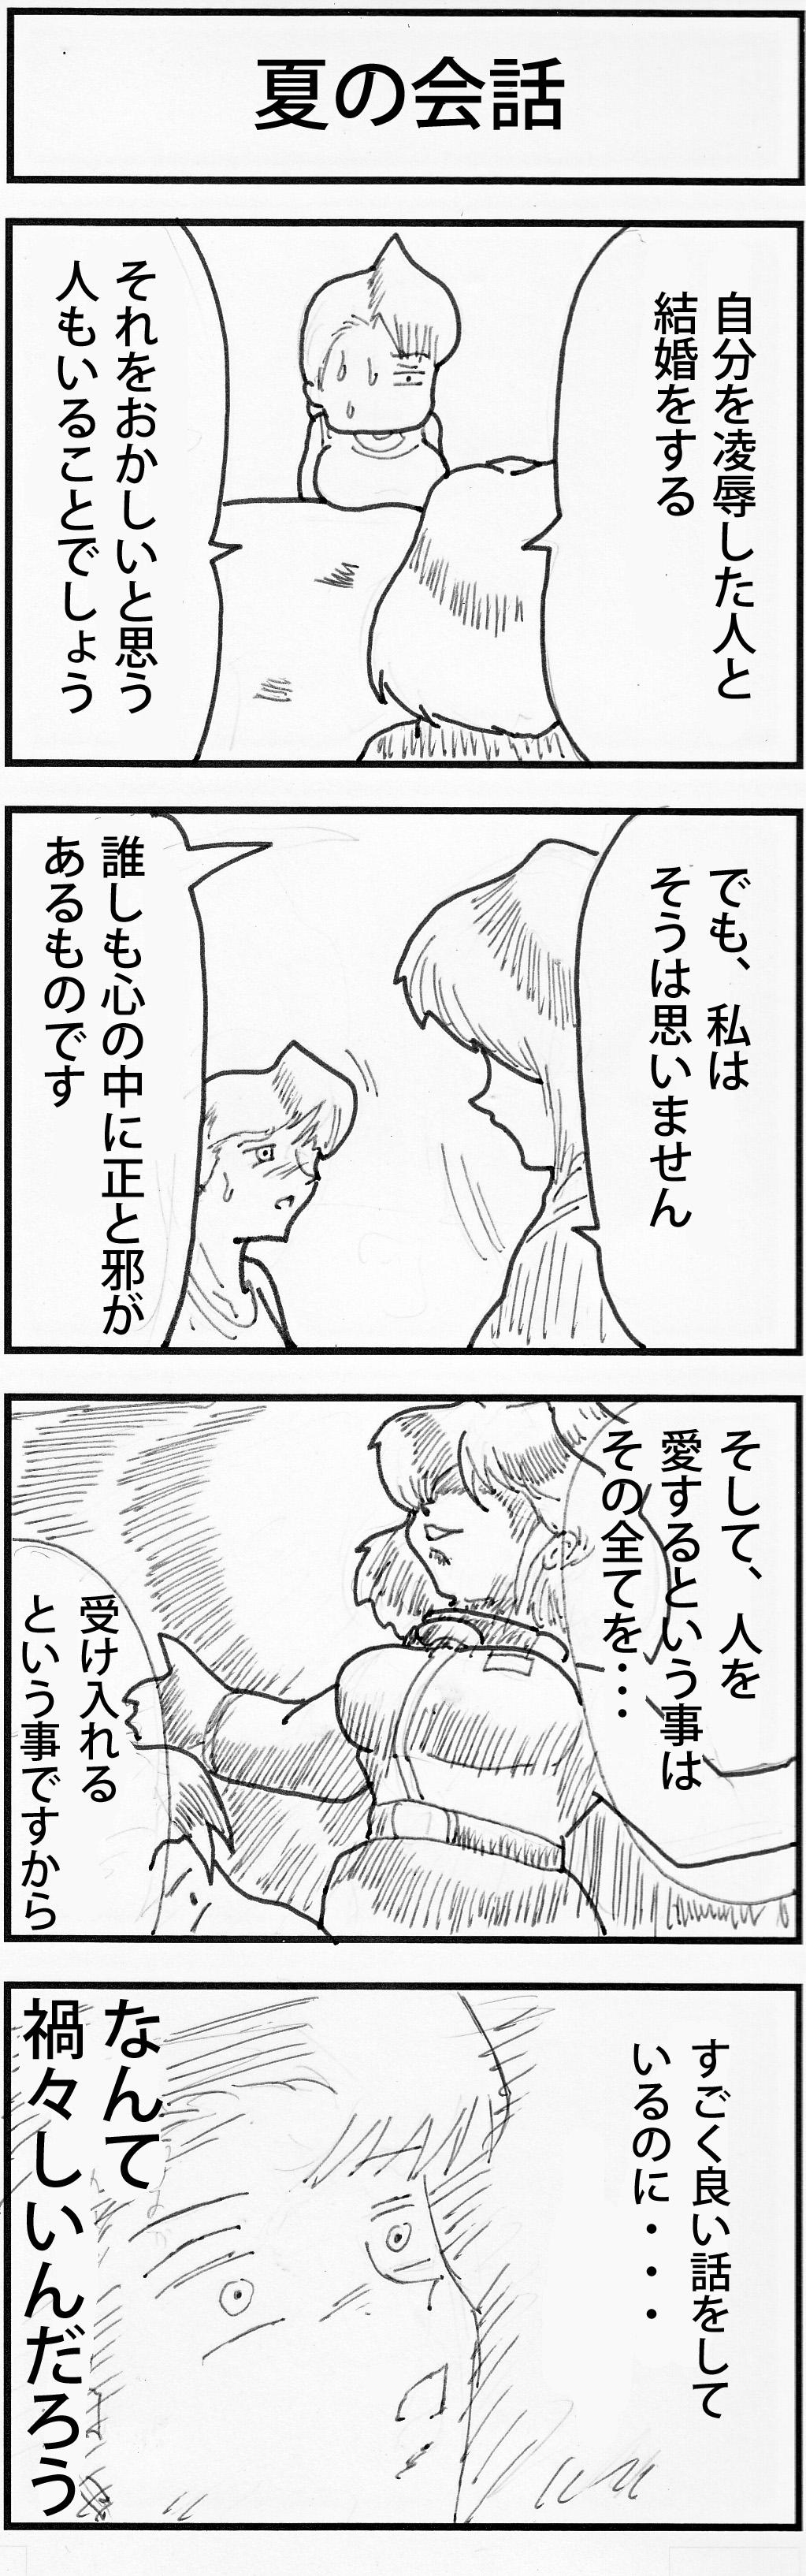 カミュさんgogo430